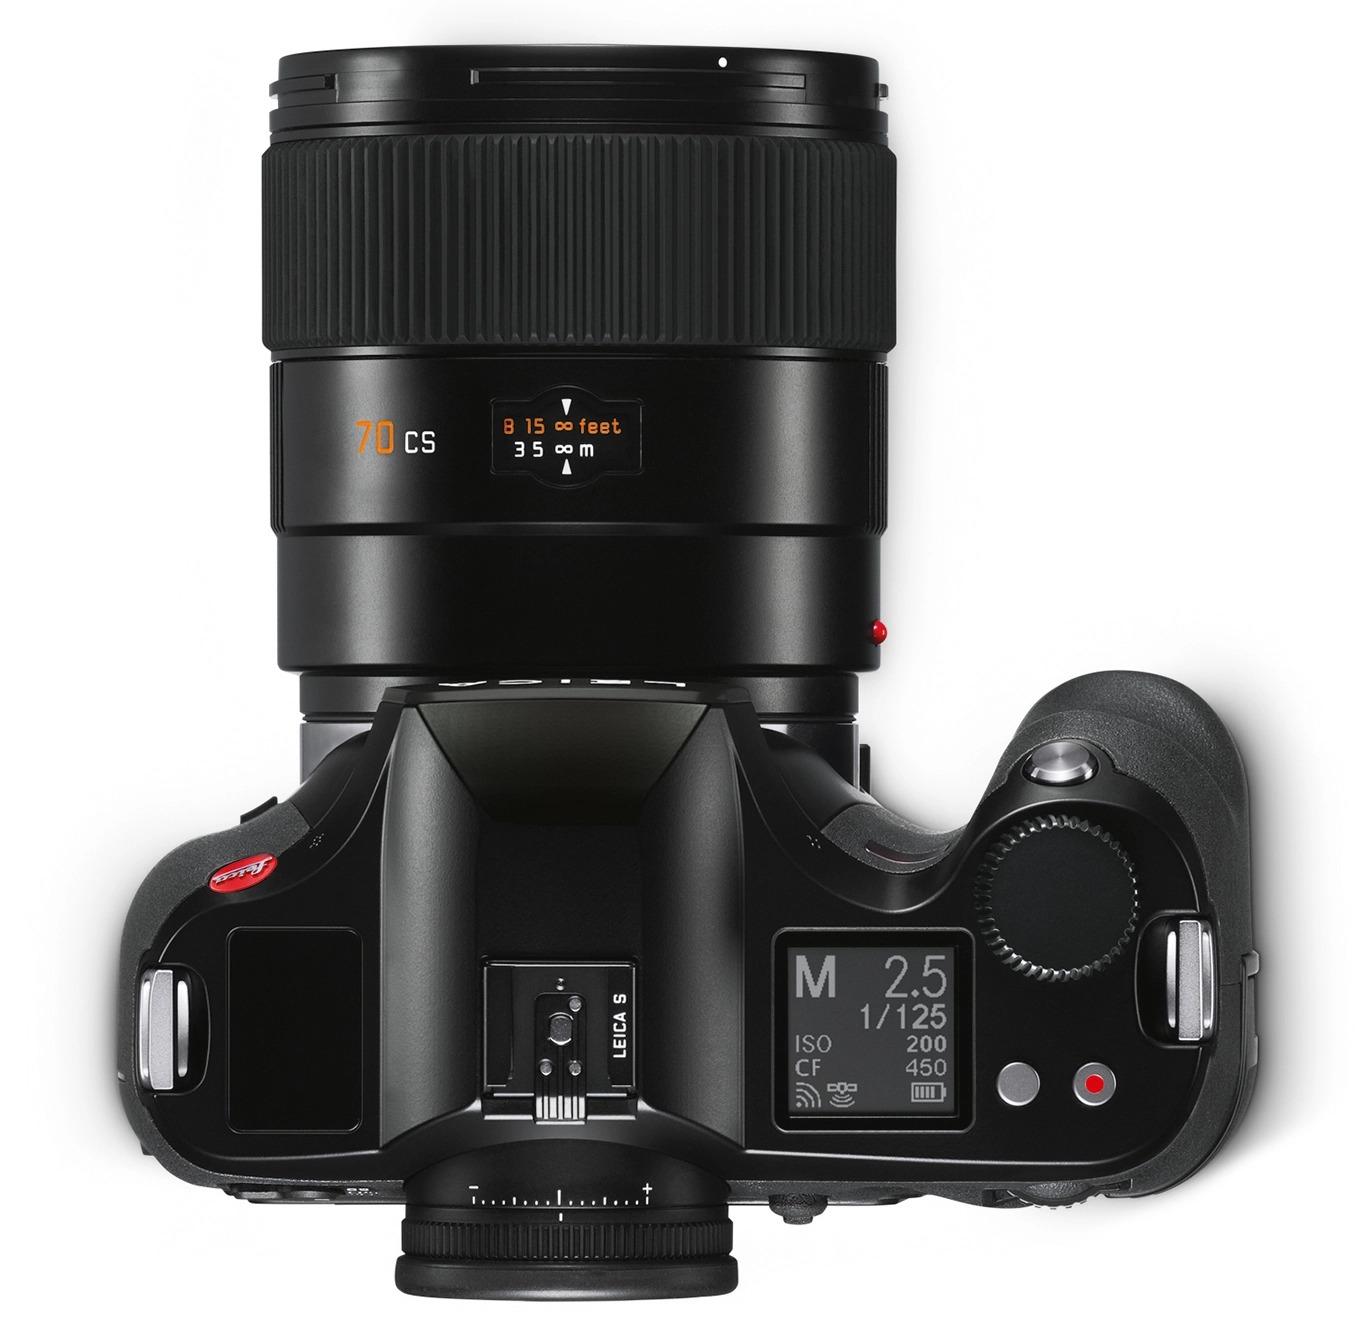 Leica ra mắt S3: máy ảnh DSLR Medium Format 64MP, có hỗ trợ quay video 4K